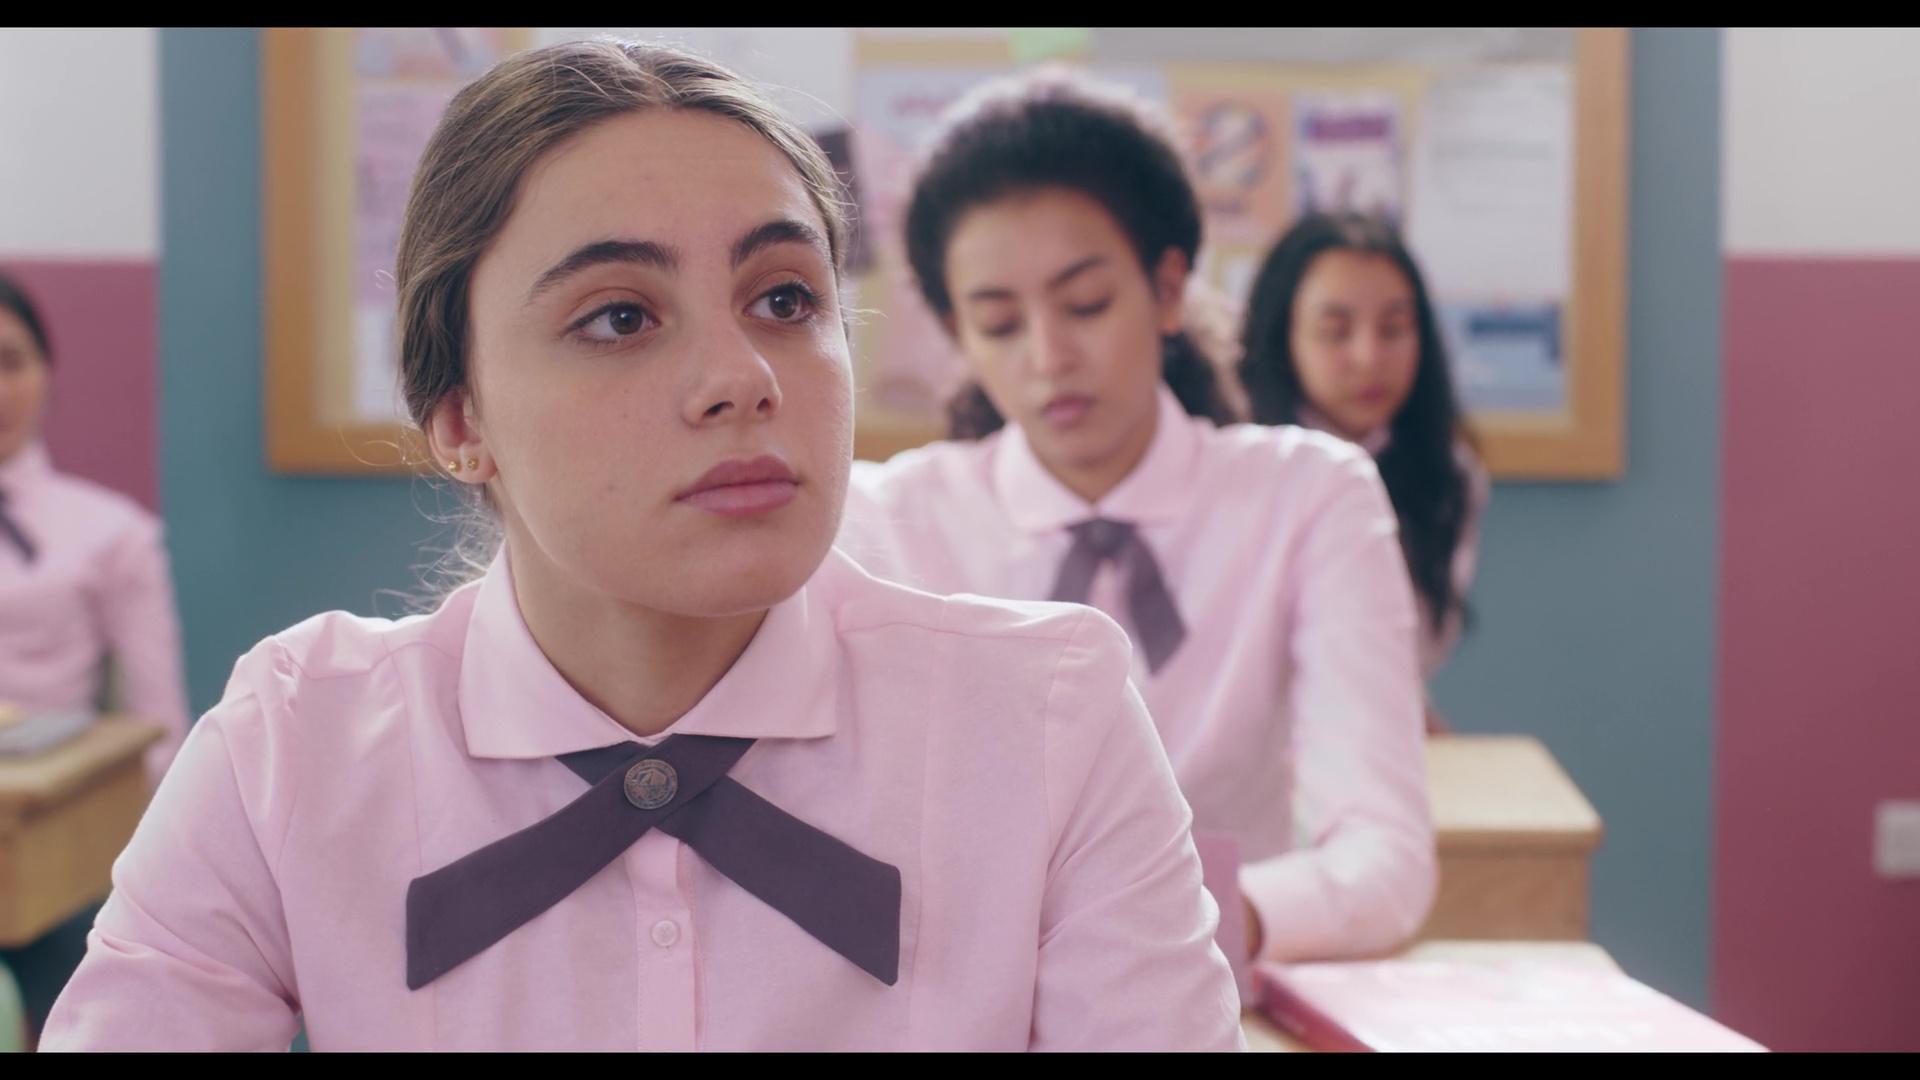 Escuela para señoritas Al Rawabi (2021) Temporada 1 1080p WEB-DL Latino